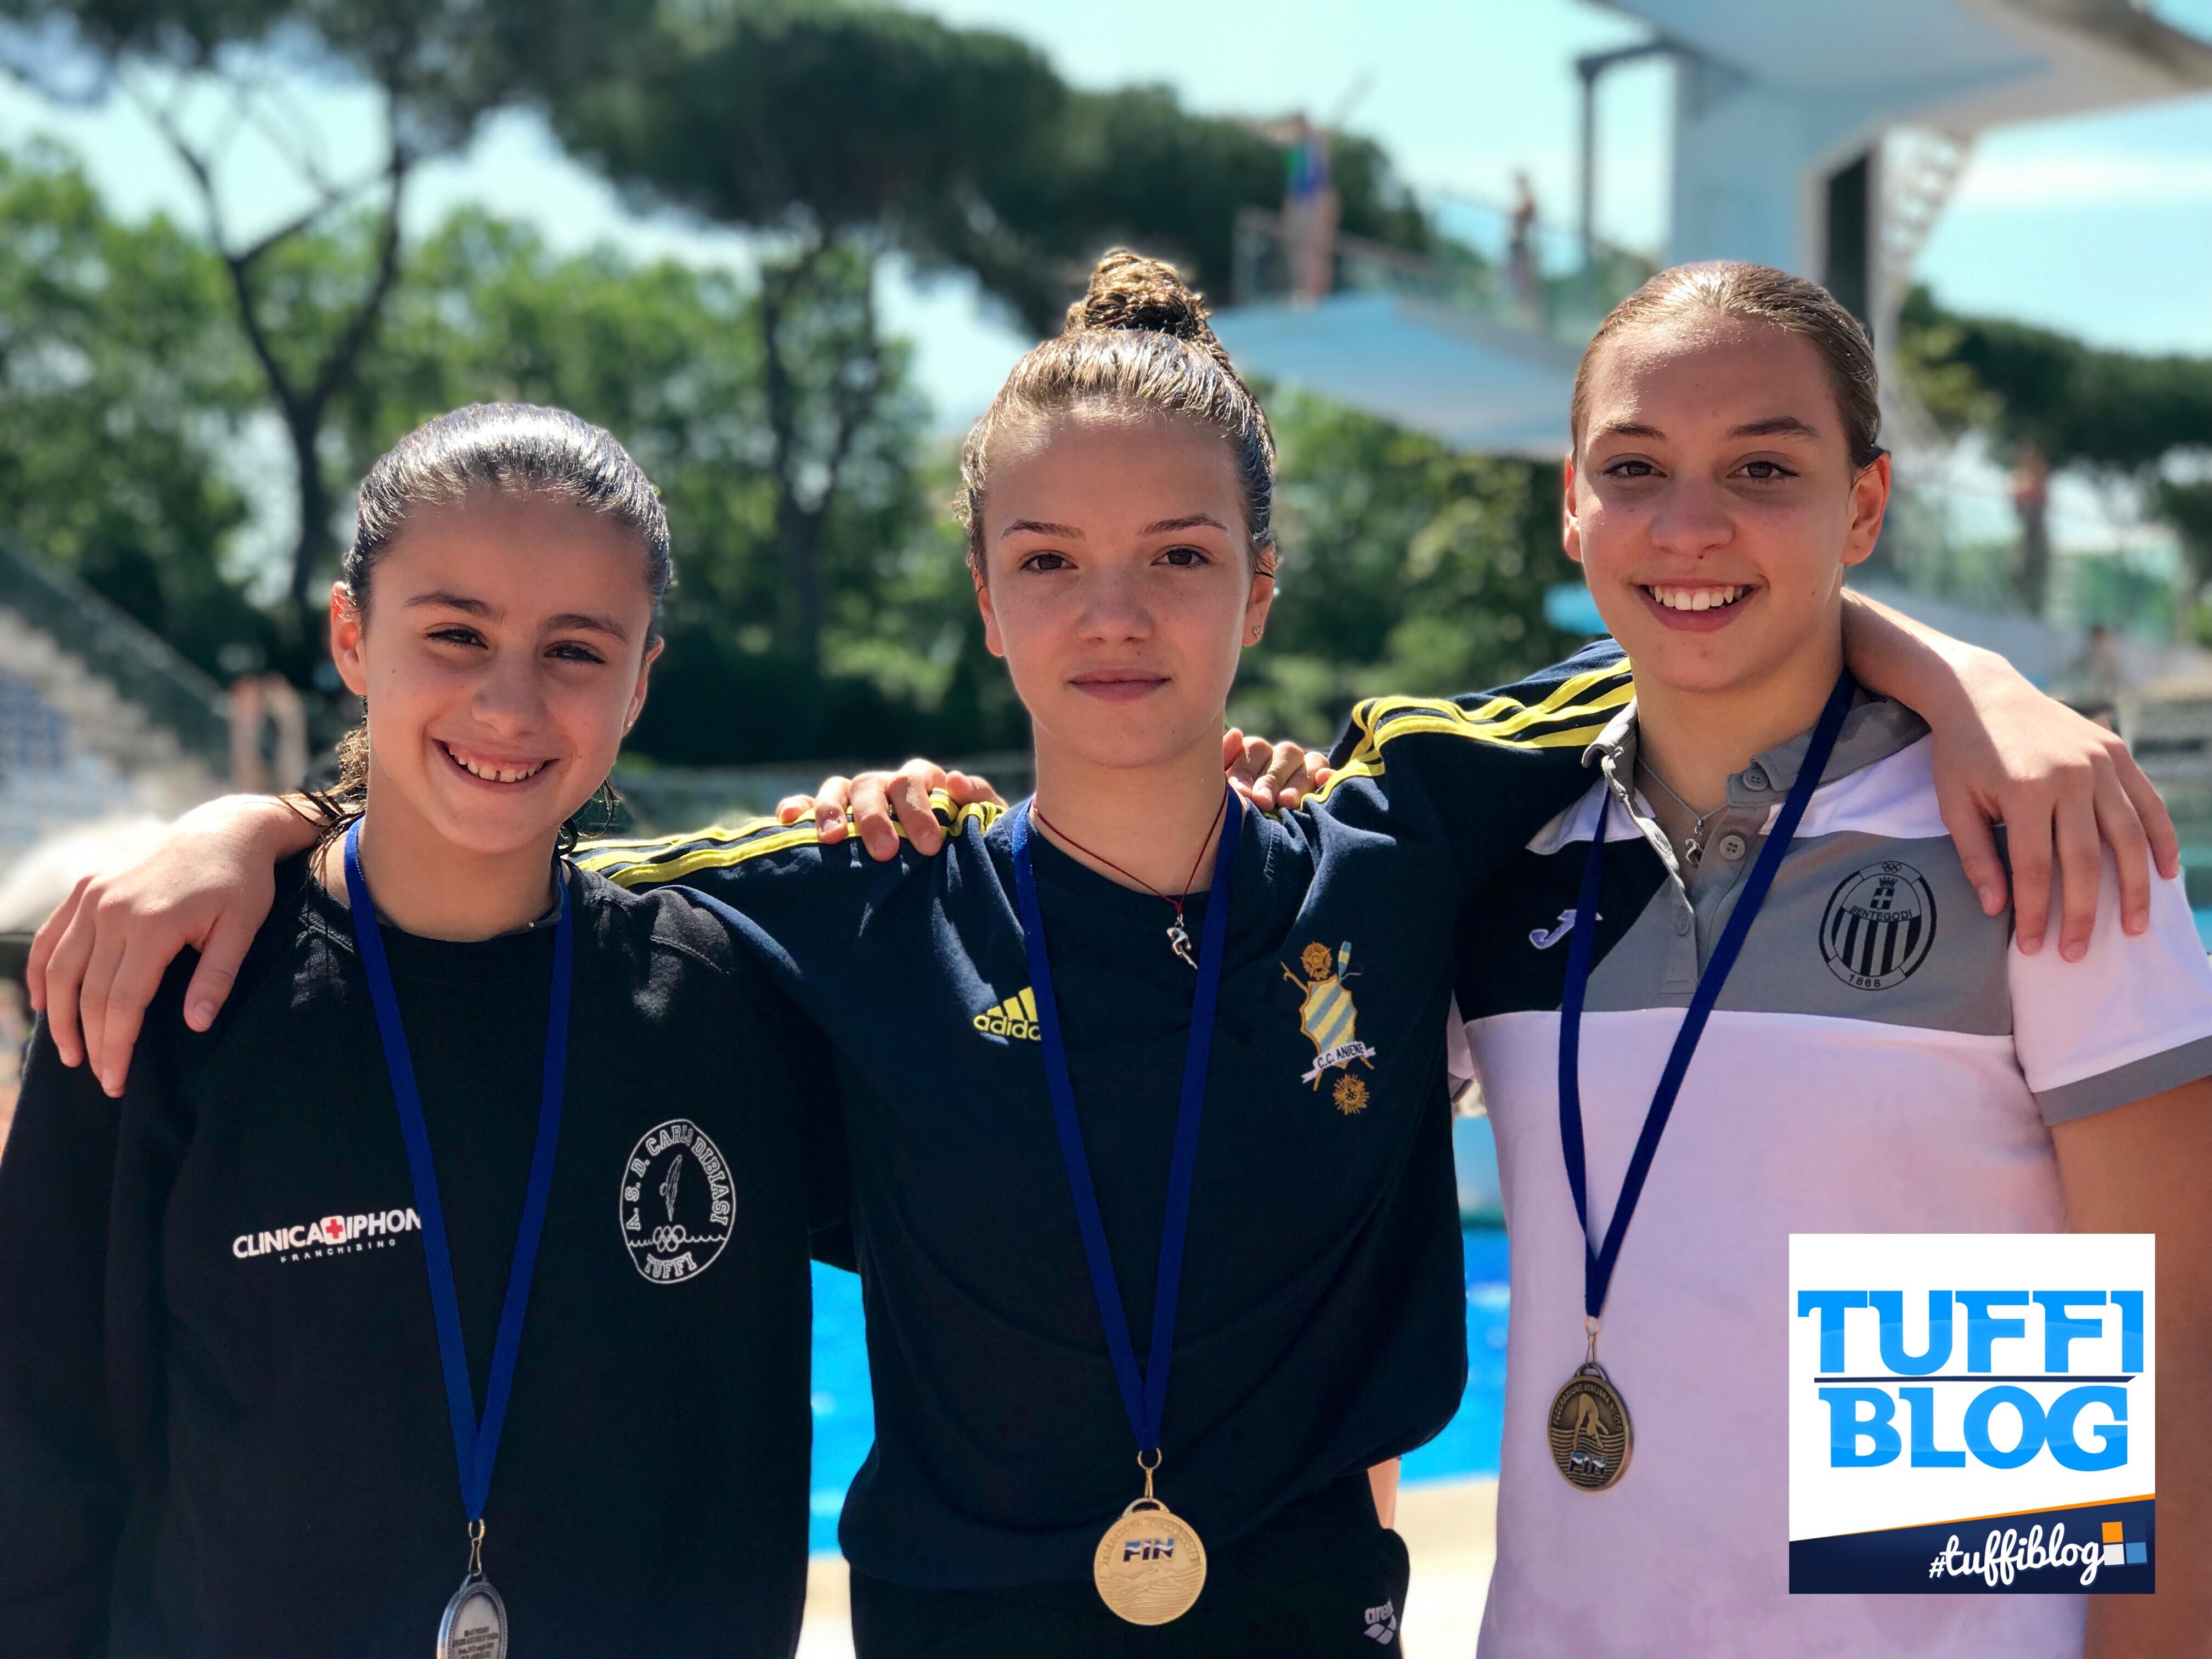 Atleti Azzurri: Roma - Vittoria a Tiberti, Cafiero e Semeria.-